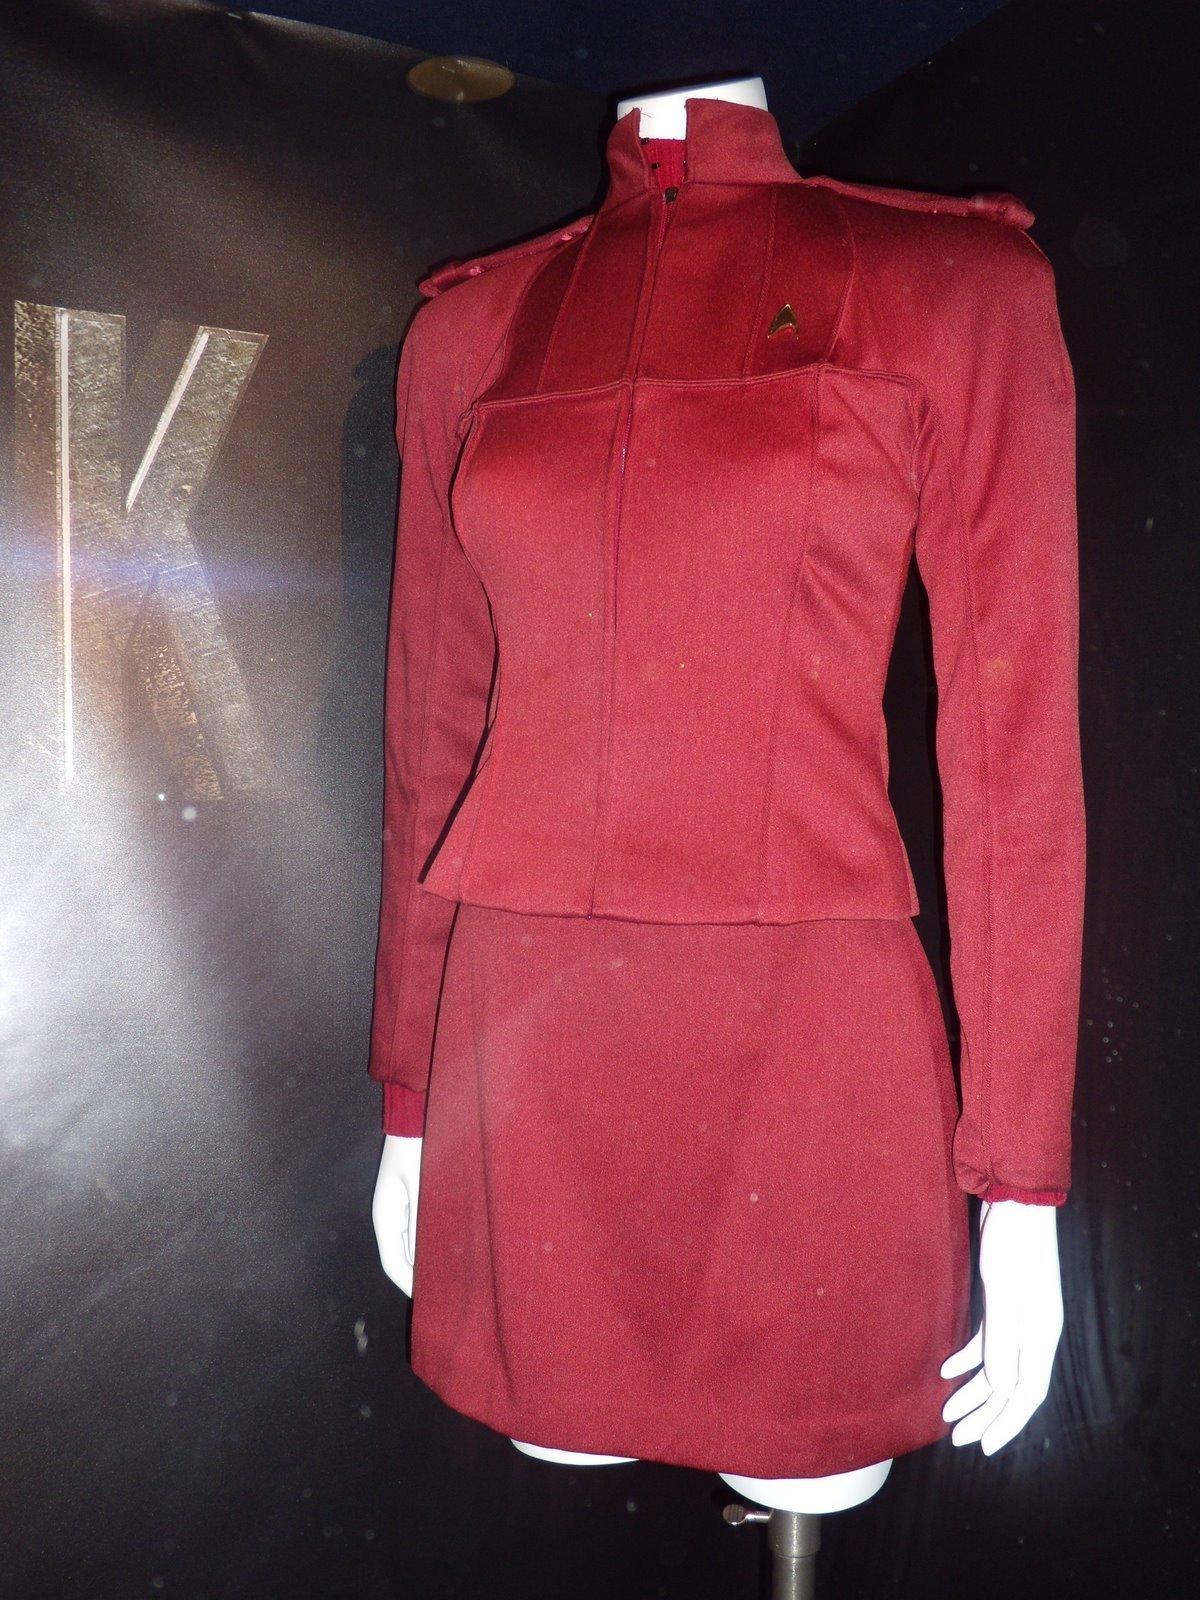 New Star Trek movie costumes - Red Starfleet cadet uniform